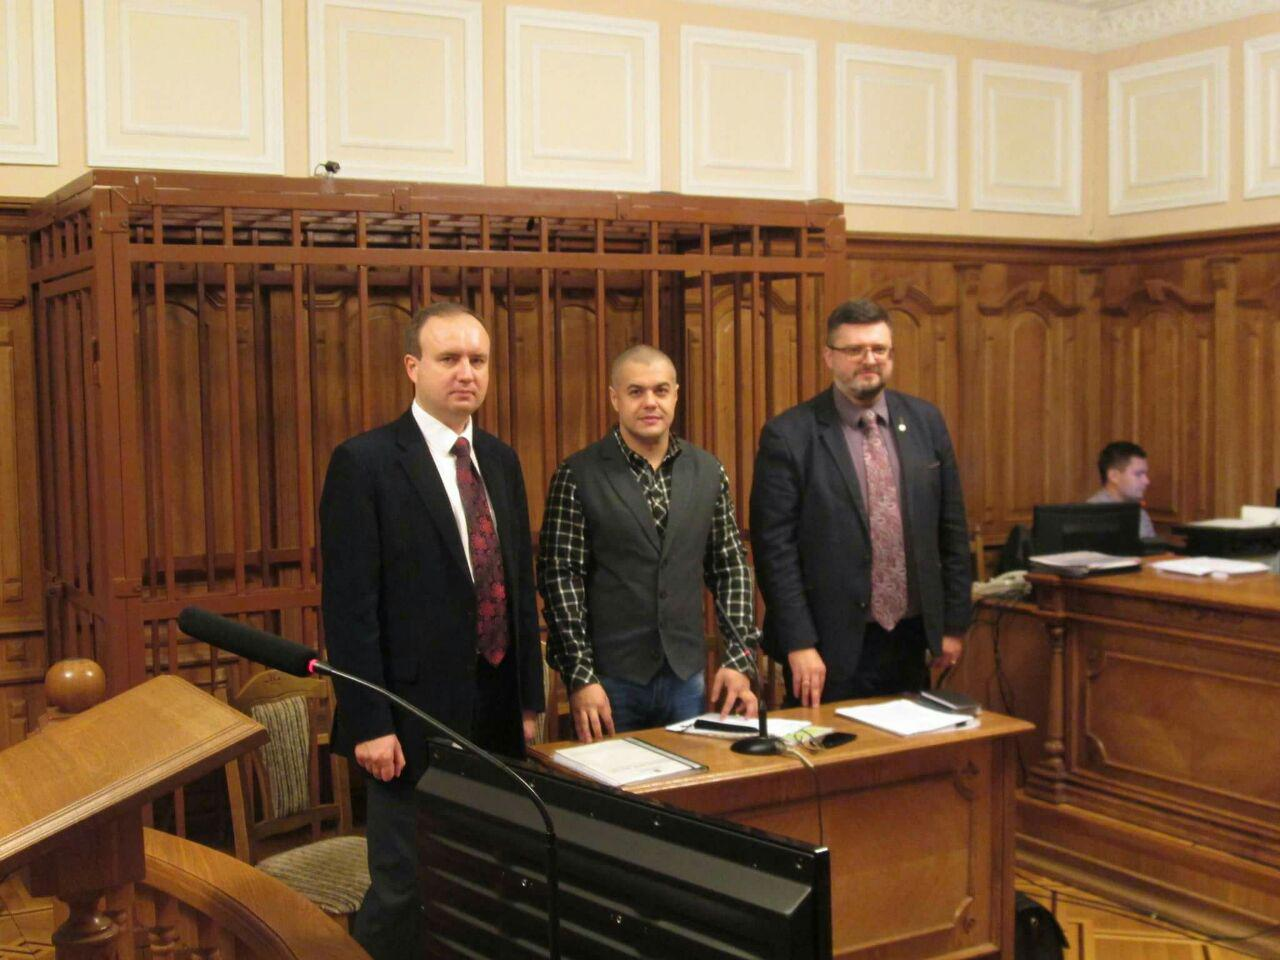 Адвокат Андрей Гожый: «Права человека в этой стране закончились»